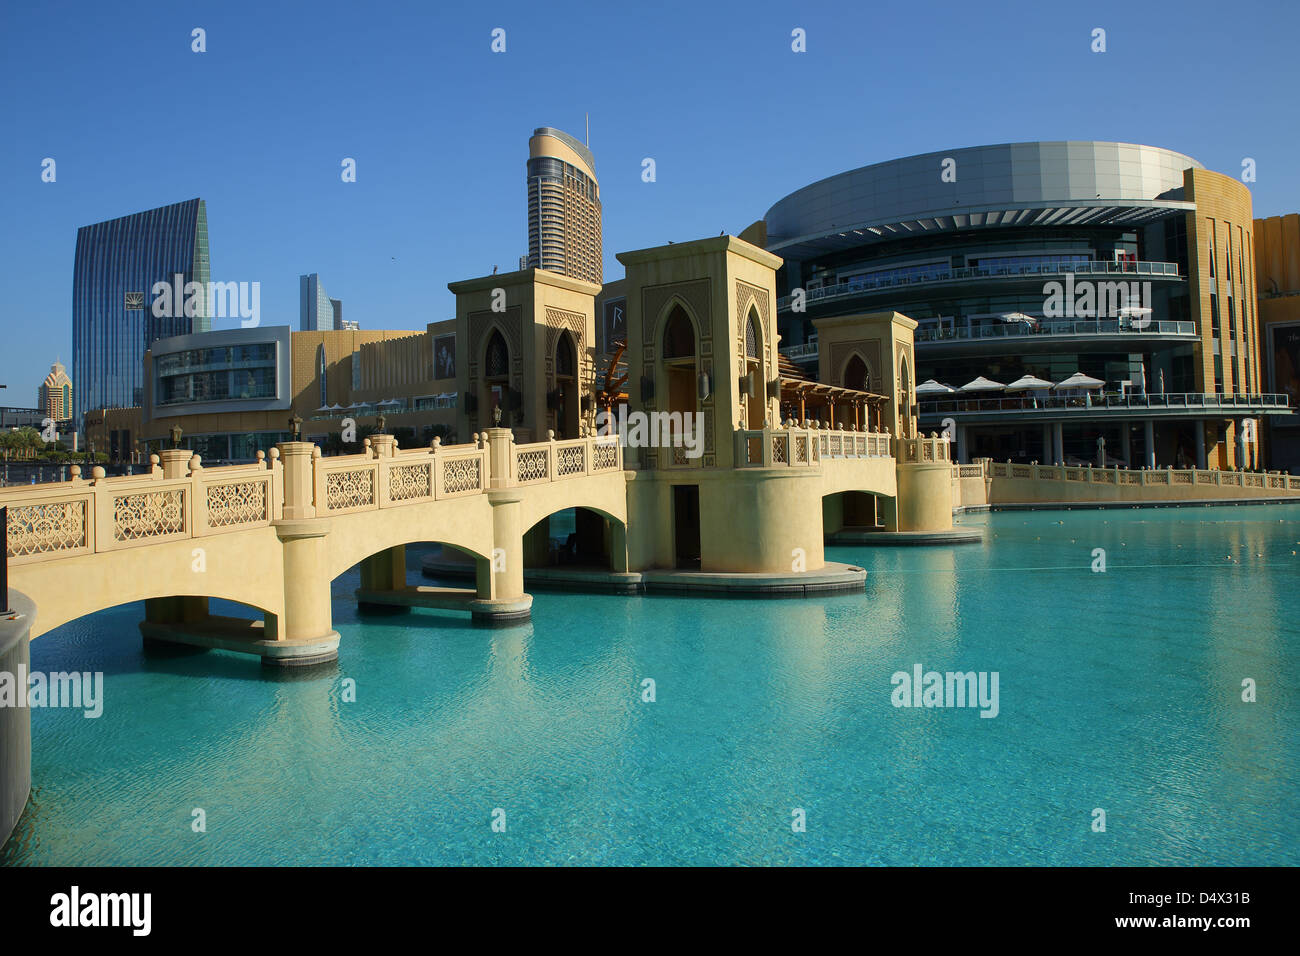 The Dubai Mall, Dubai, United Arab Emirates - Stock Image